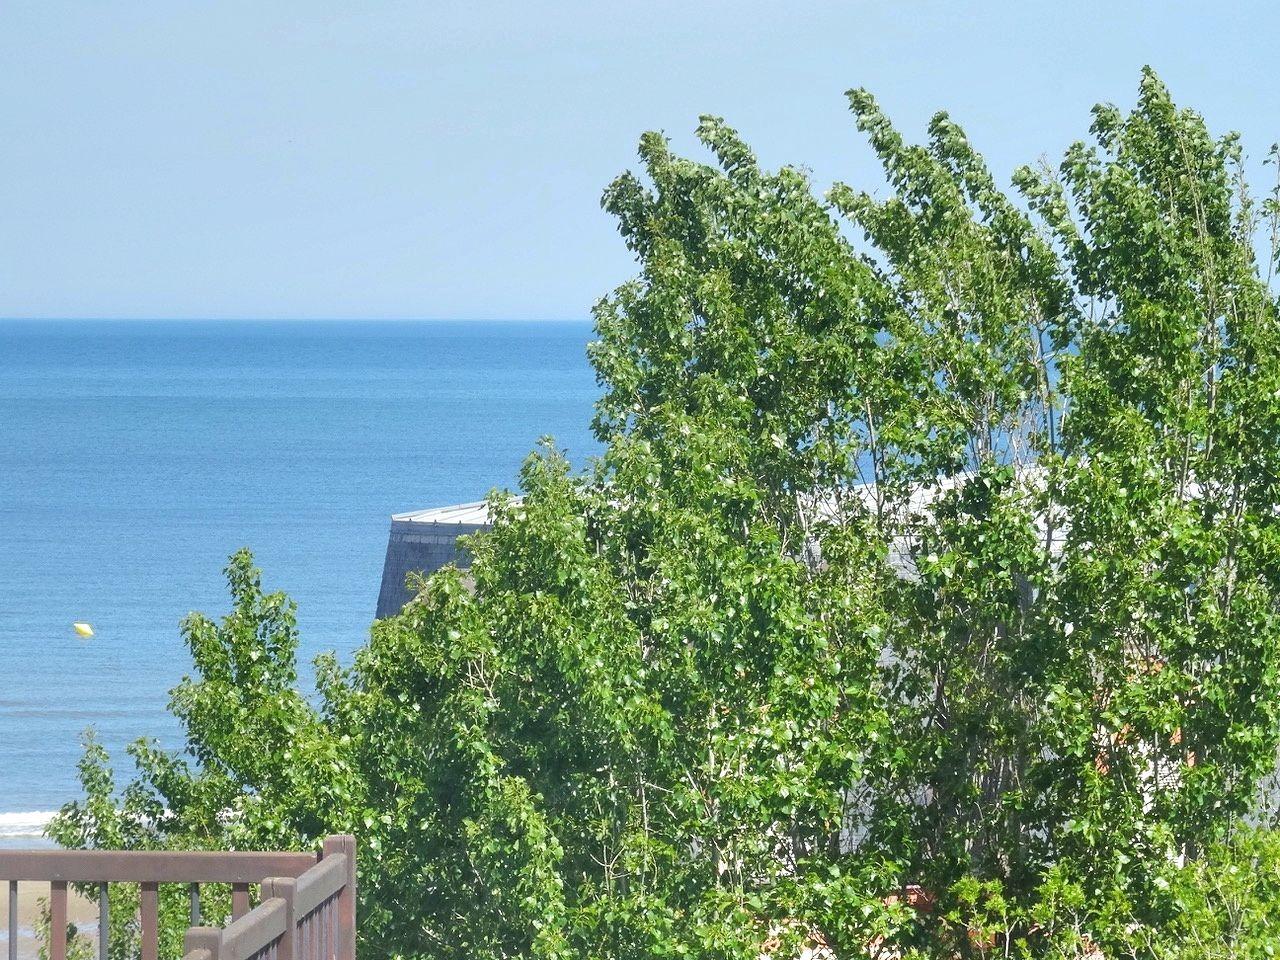 26-terrasse-appartement-a-vendre-la-clef-des-villes-agence-immobiliere-villers-sur-mer